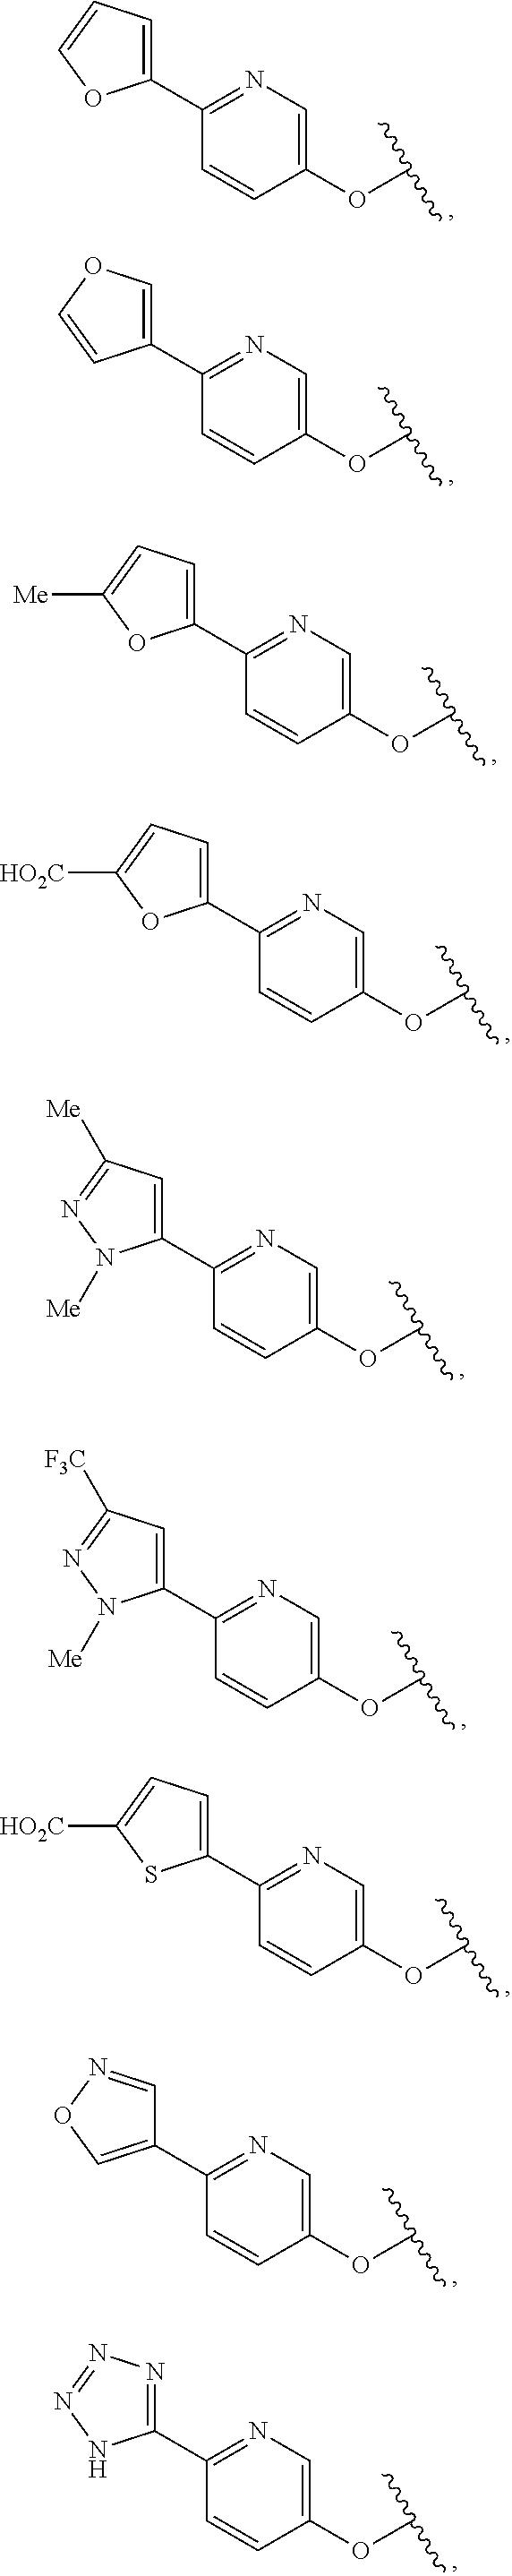 Figure US08927551-20150106-C00180